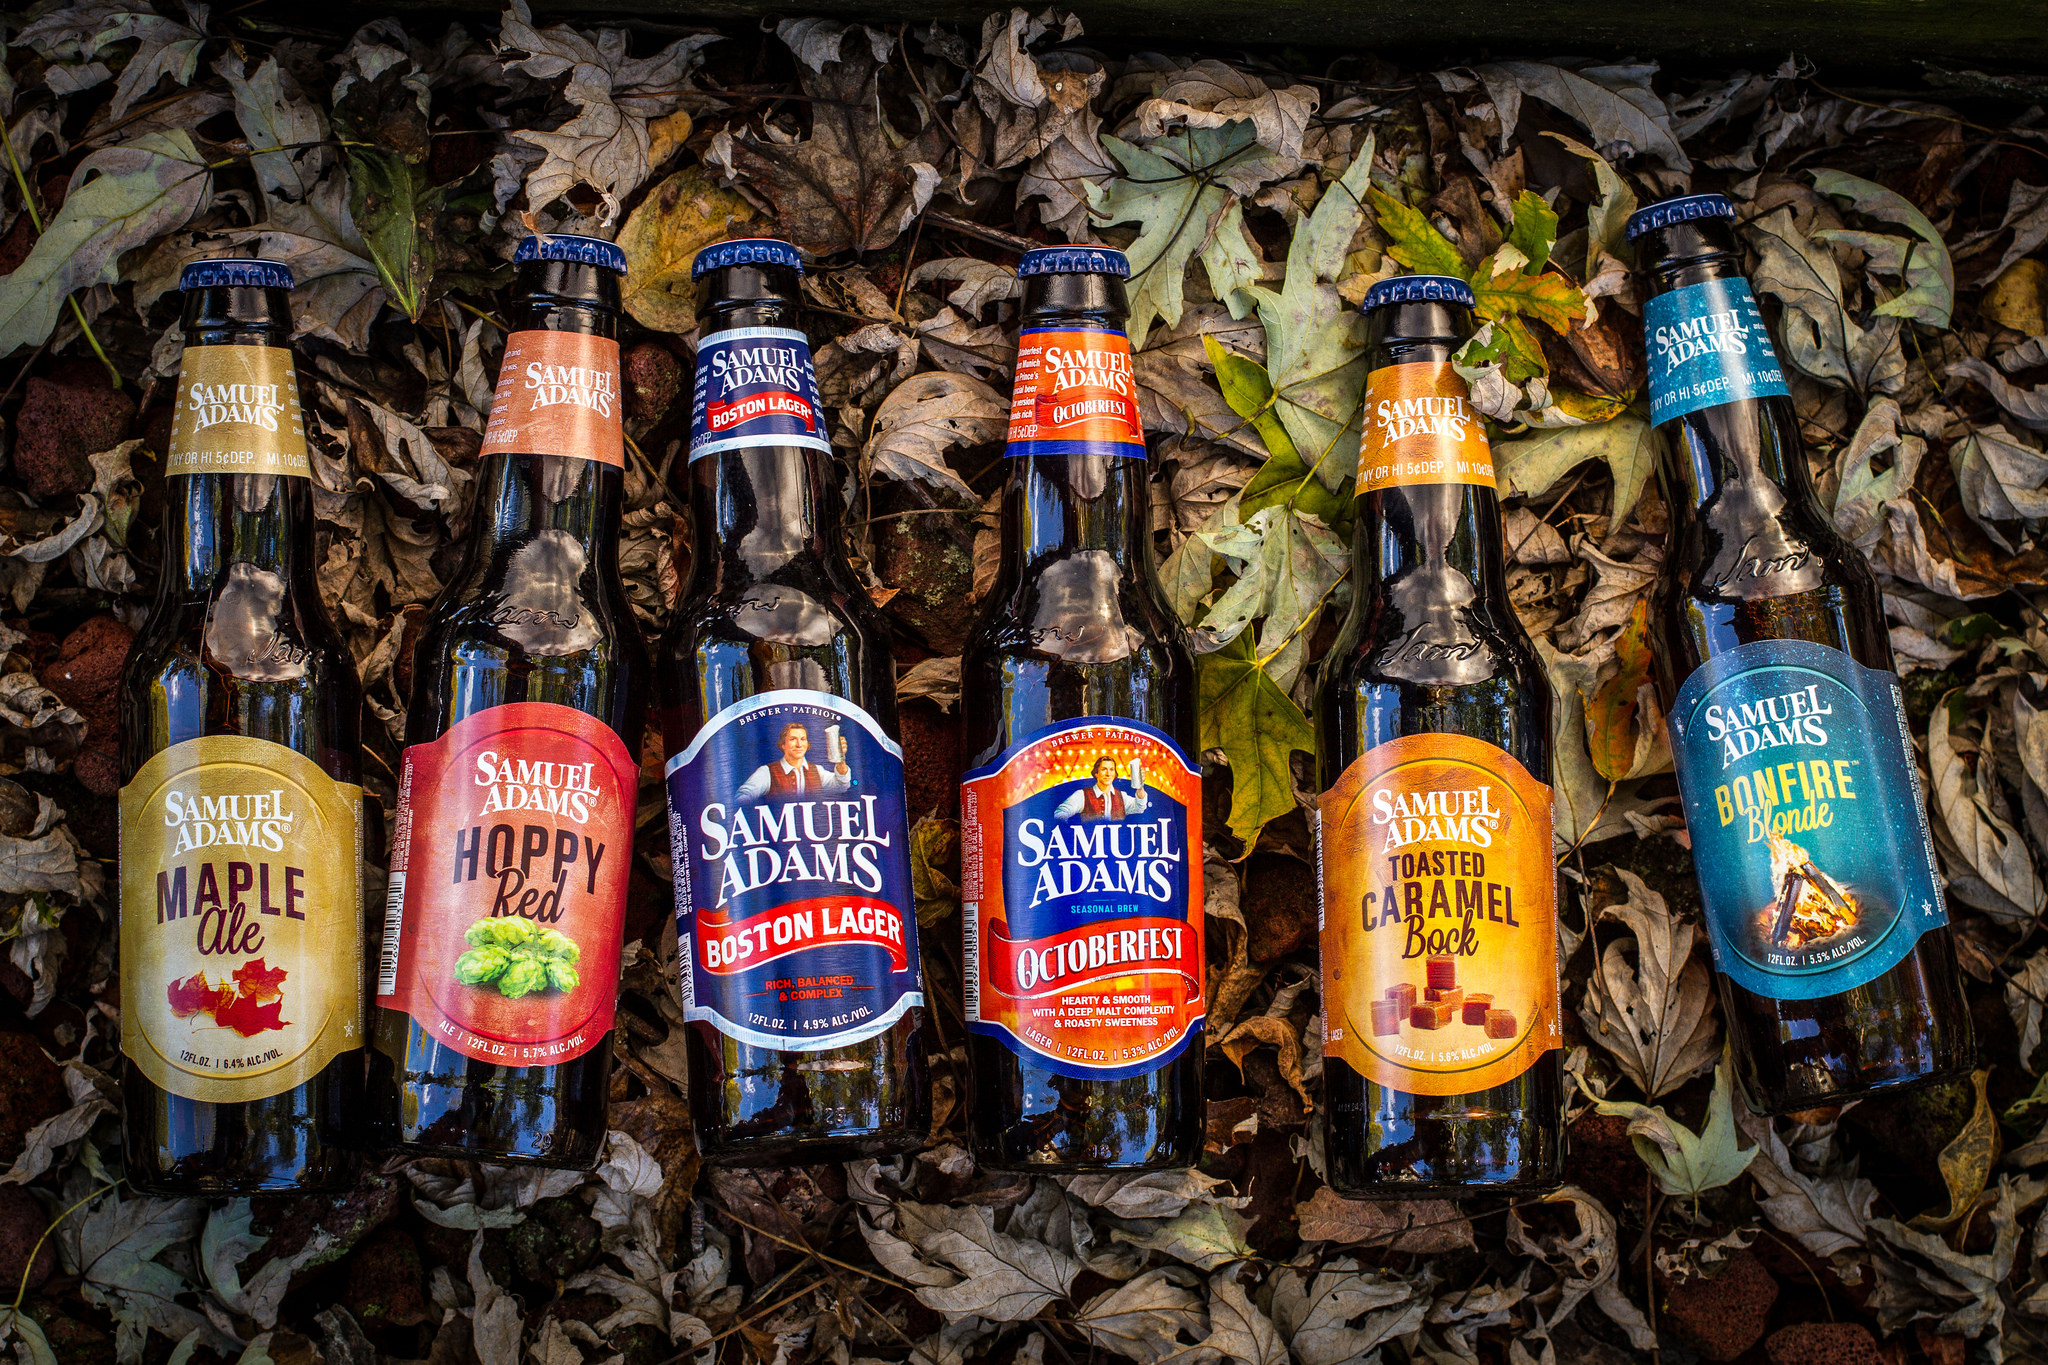 Samuel Adams Fall Variety Beer Pack.jpg